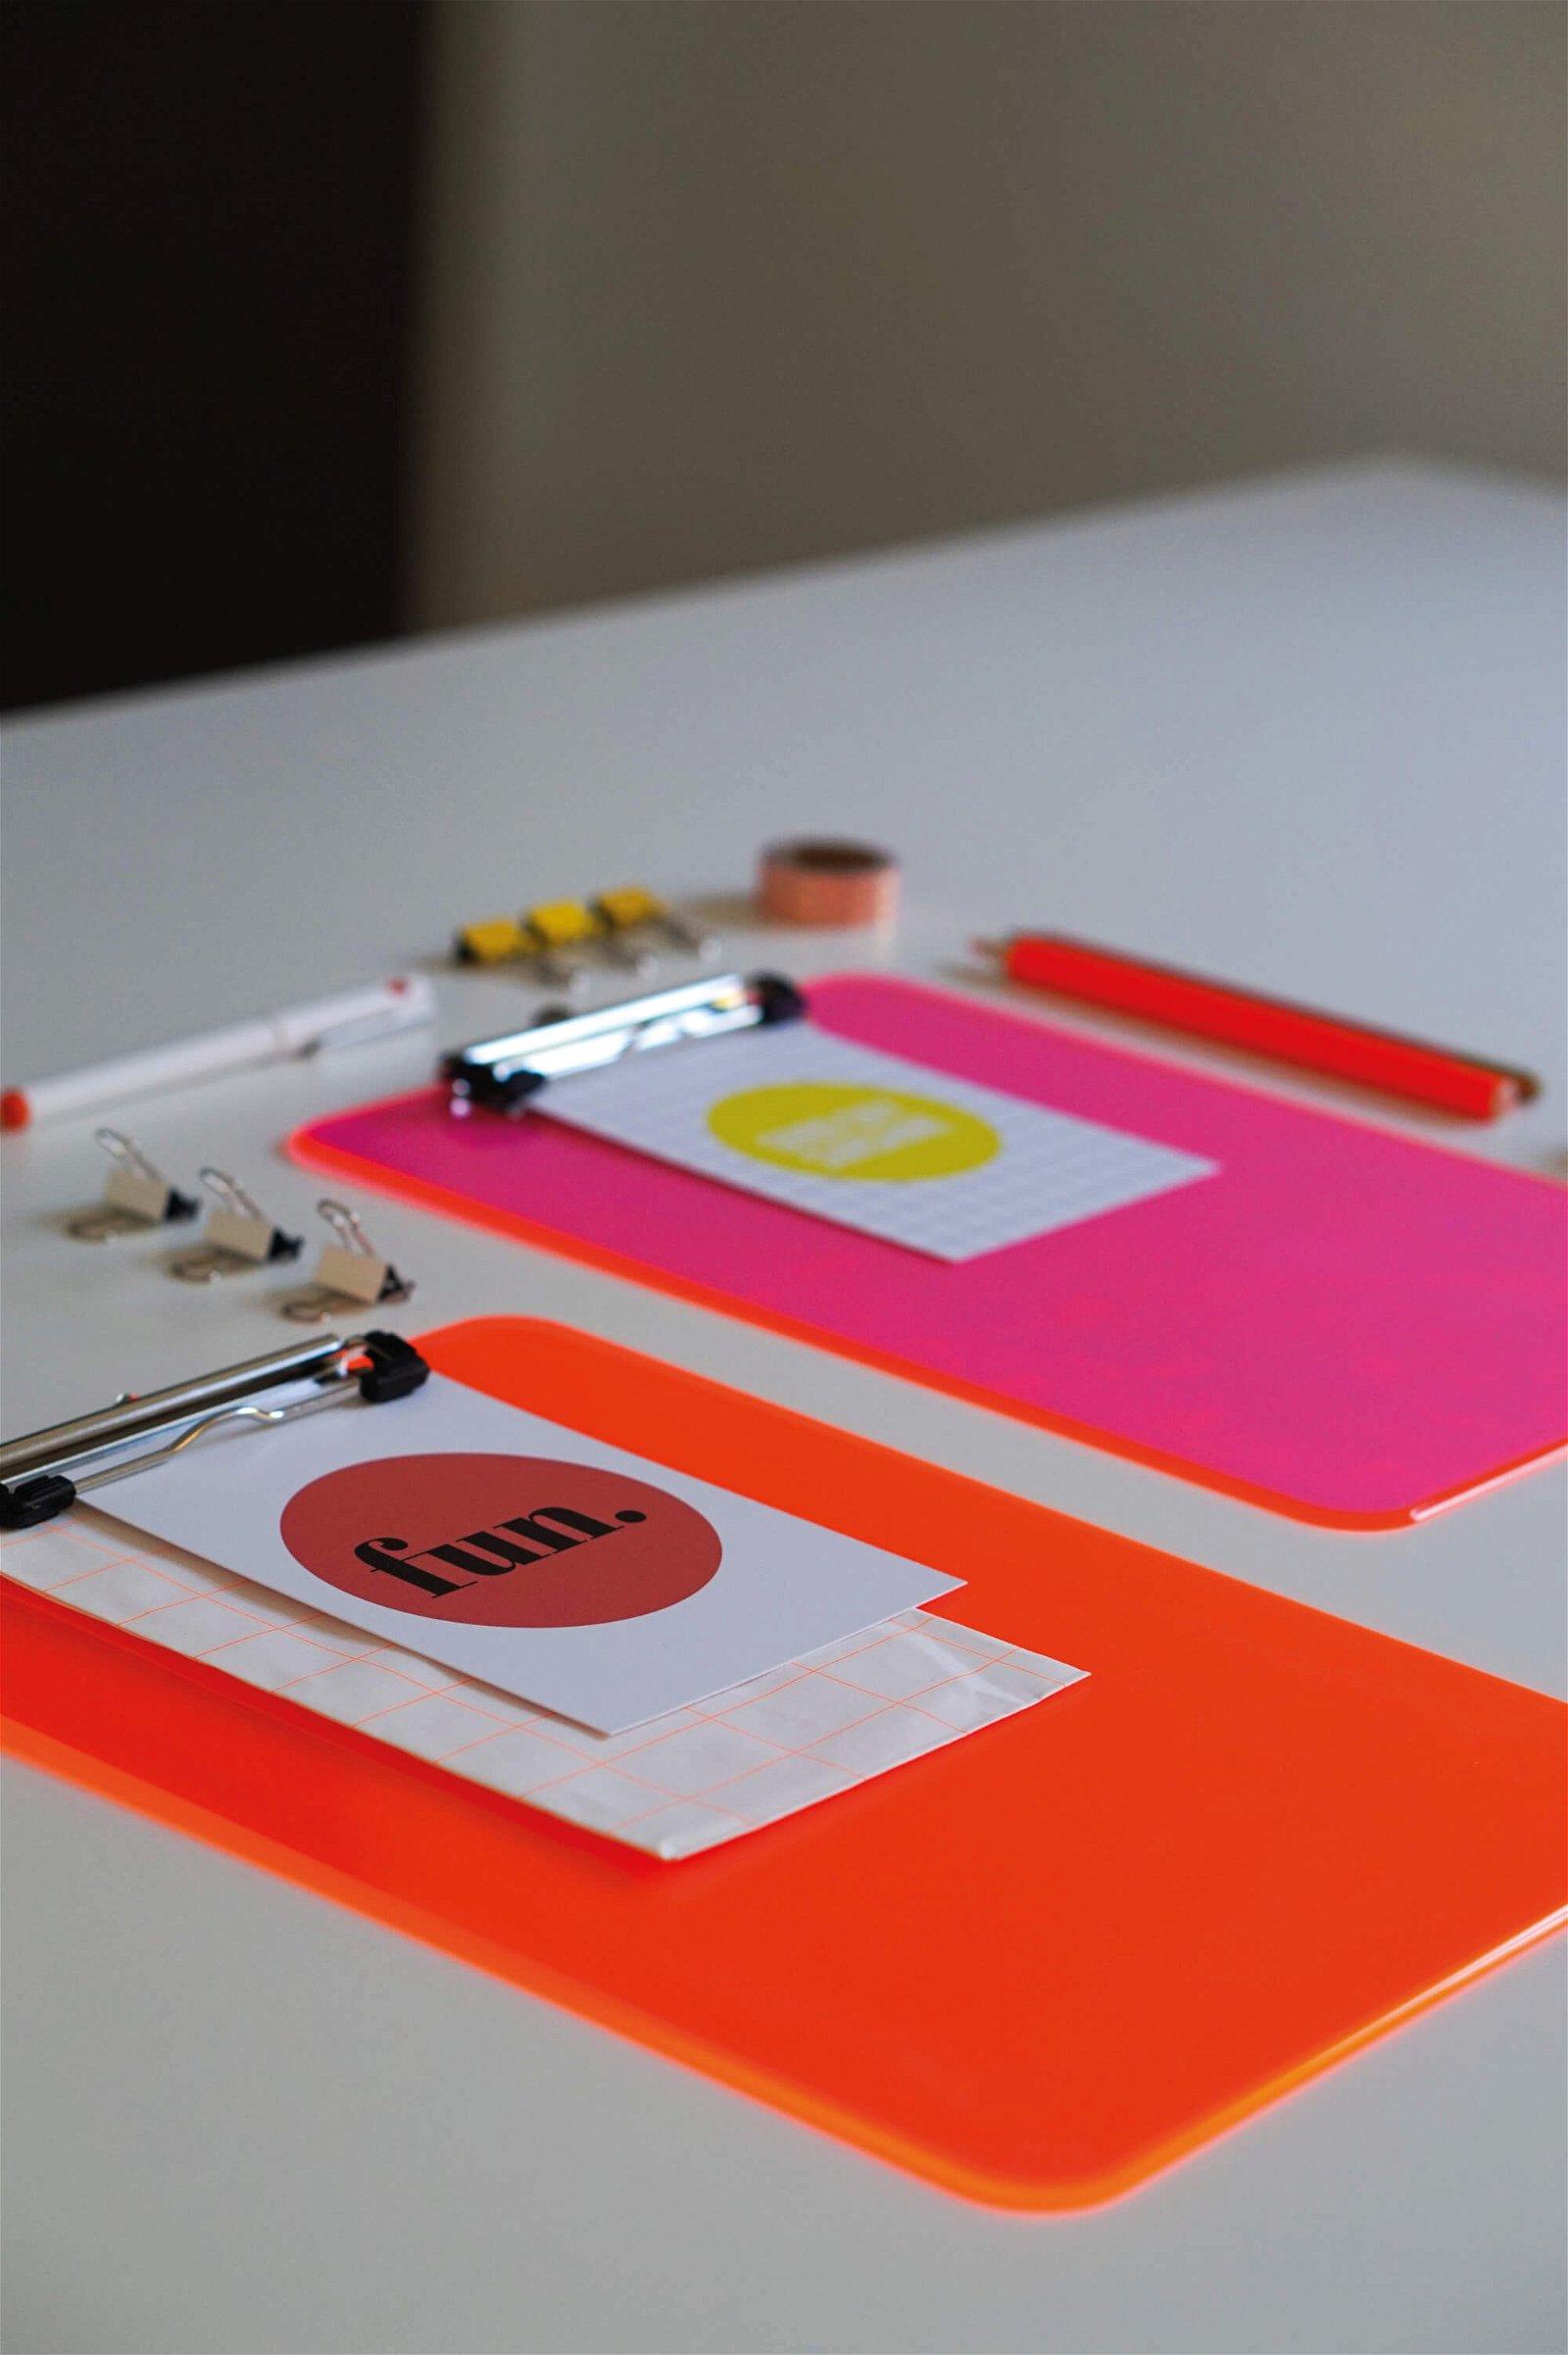 Schreibplatte MAULneon pink